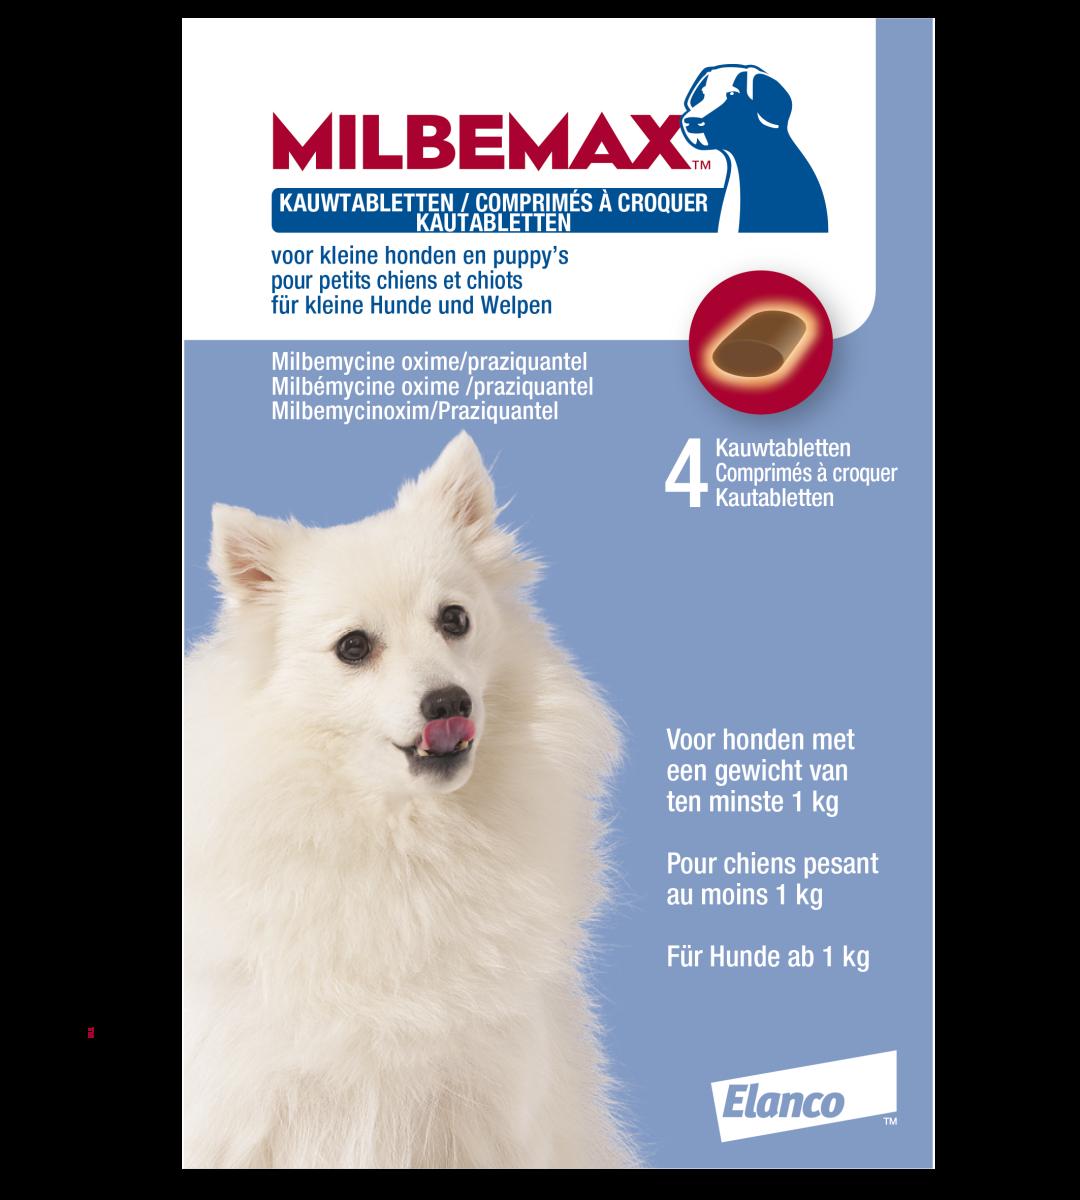 Milbemax kauwtablet kleine hond/puppy<br>0,5 - 10 kg 4 st